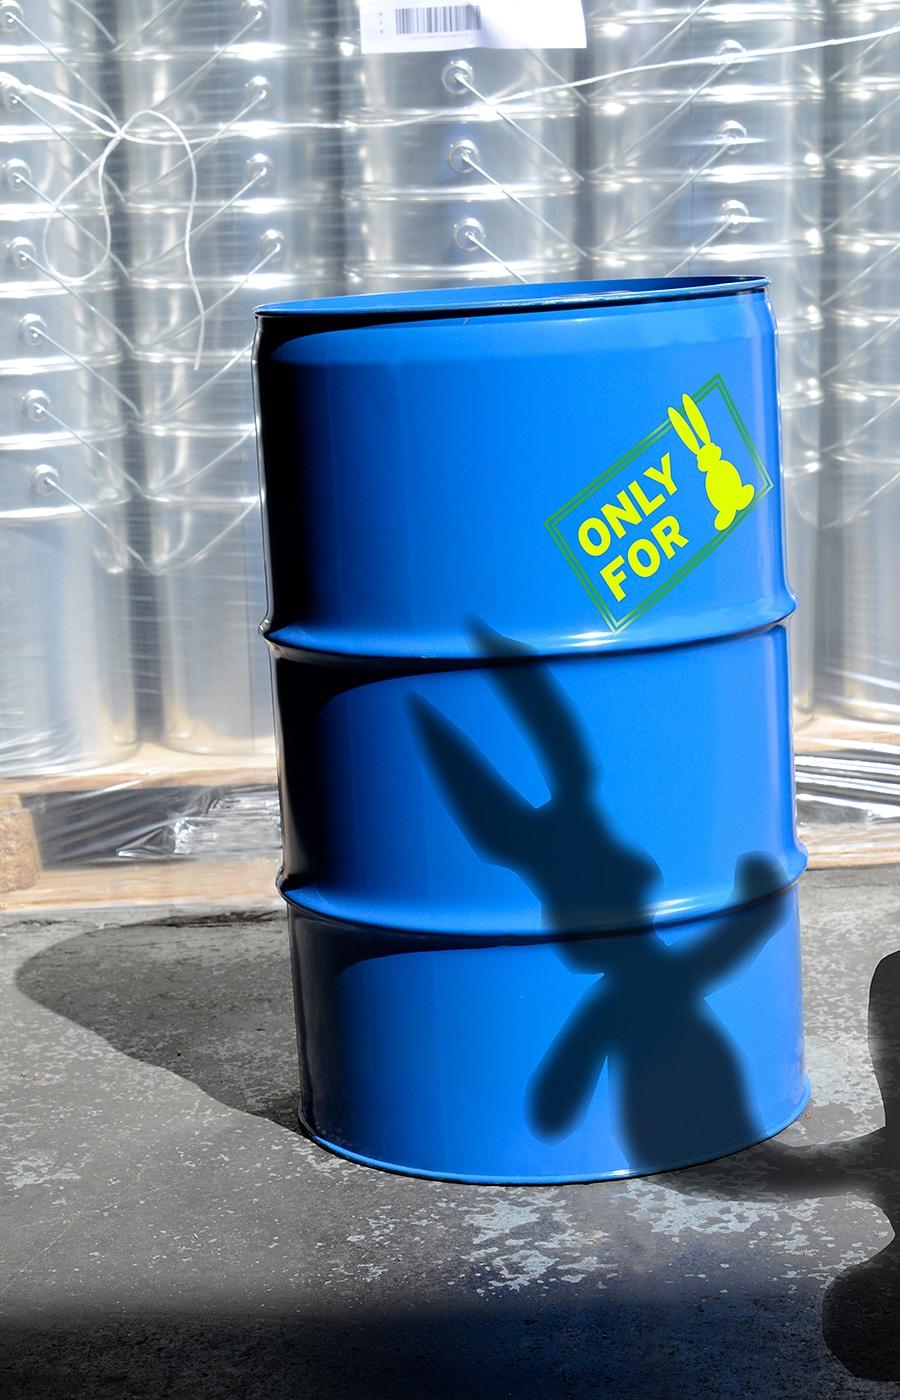 Industrieverpackung, Stahblechverpackung, Spundbehälter, Stahlfässer, Stahlfass, Deckelfass by WEDTHOFF Osterhase